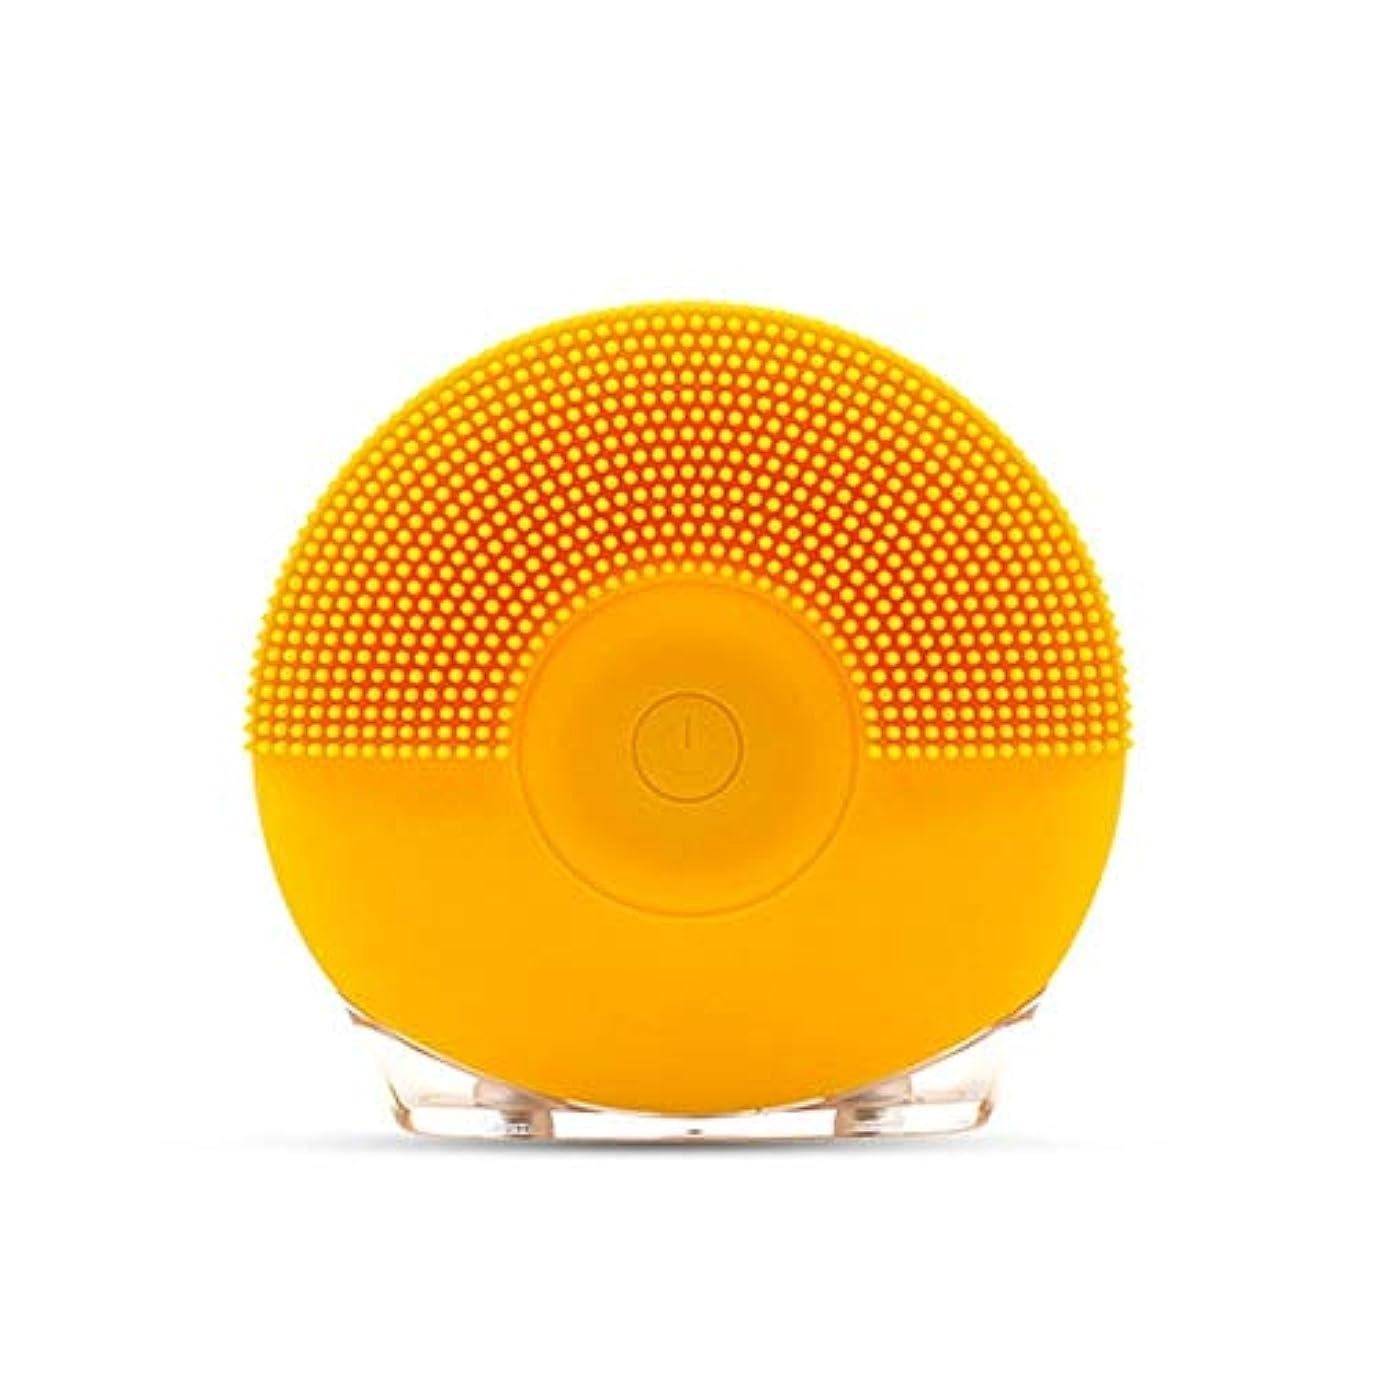 南極色よく話されるソニックバイブレーションフェイシャルクレンジングブラシ、シリコンUsbフェイシャルクレンジングブラシ (Color : Yellow)